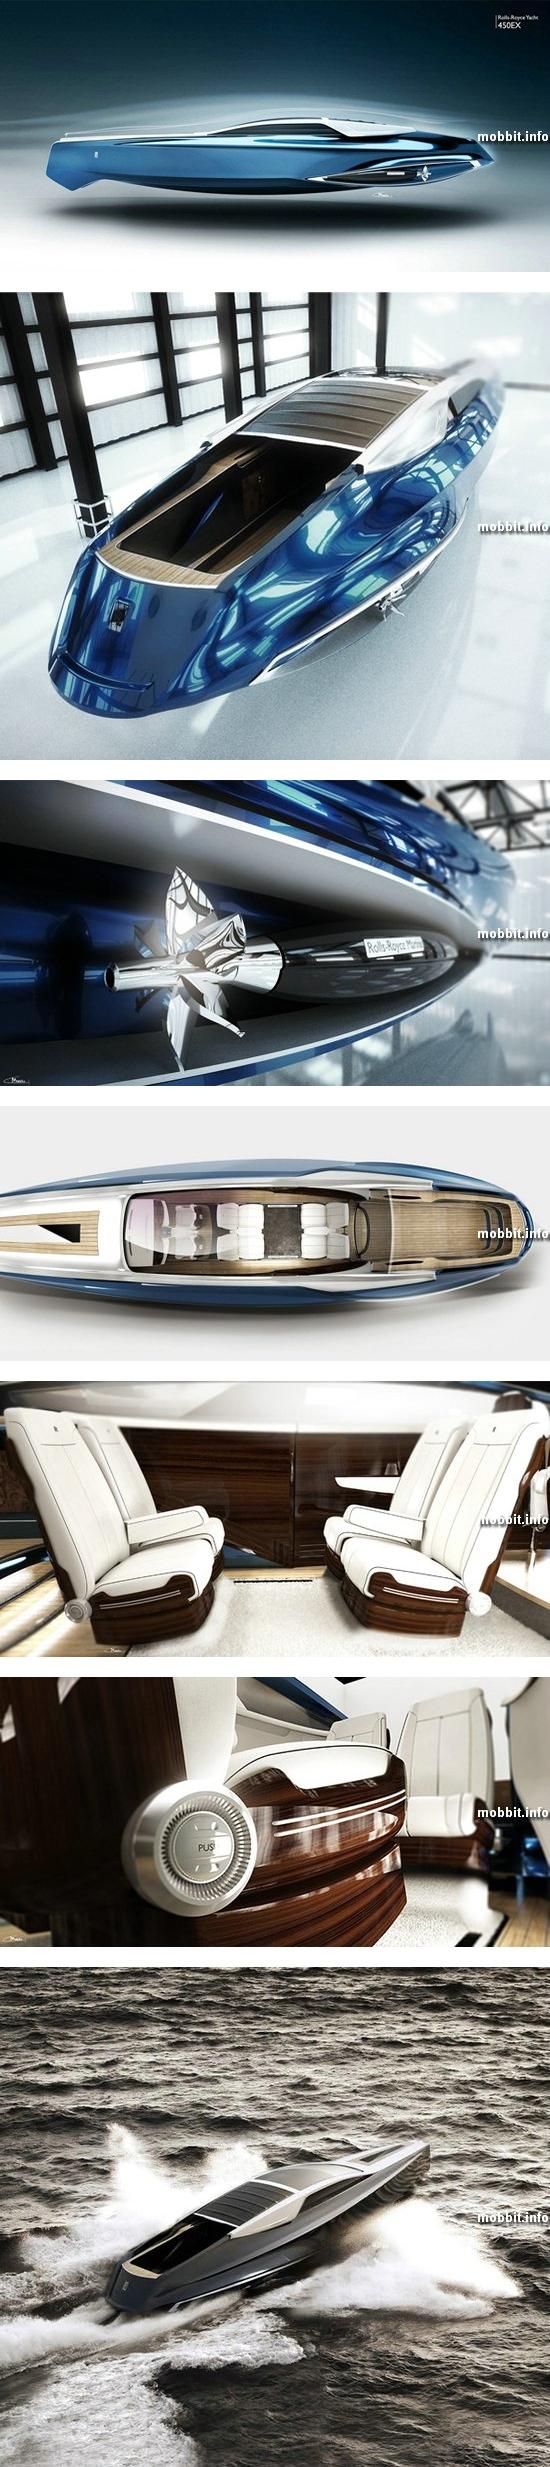 Rolls Royce 450EX